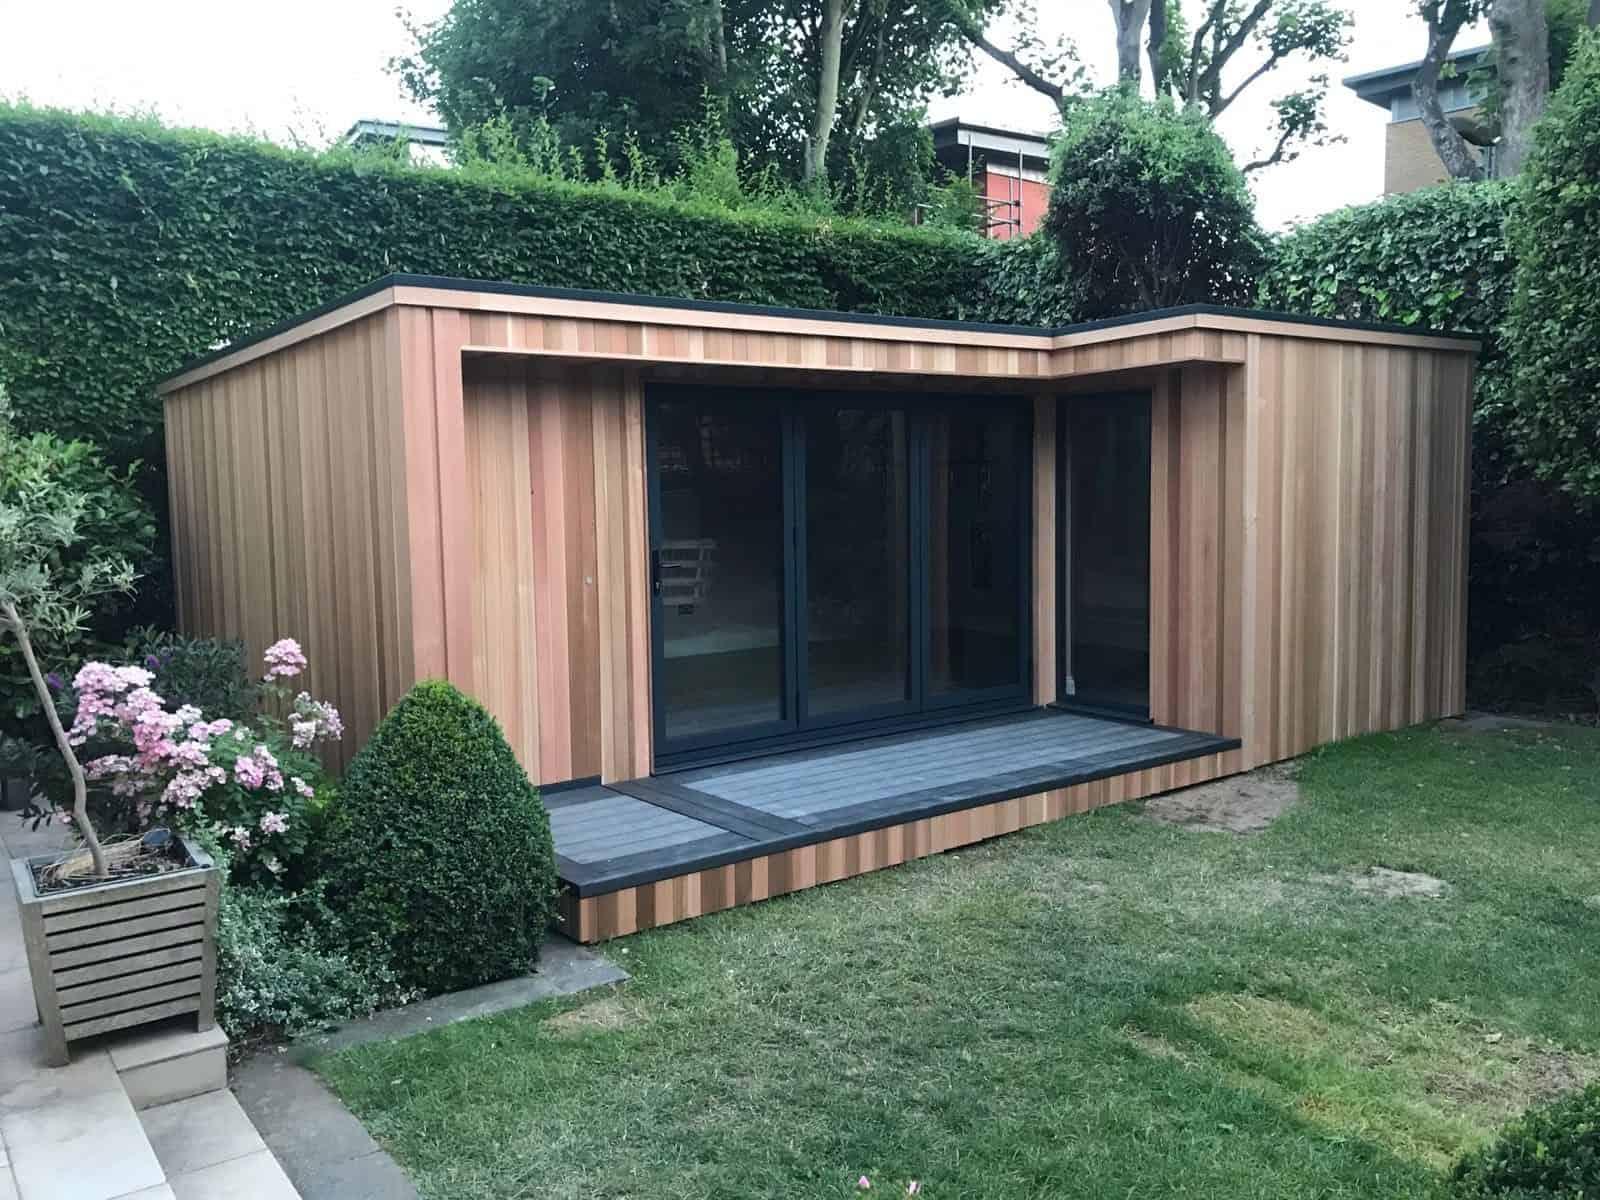 Your small garden cabin